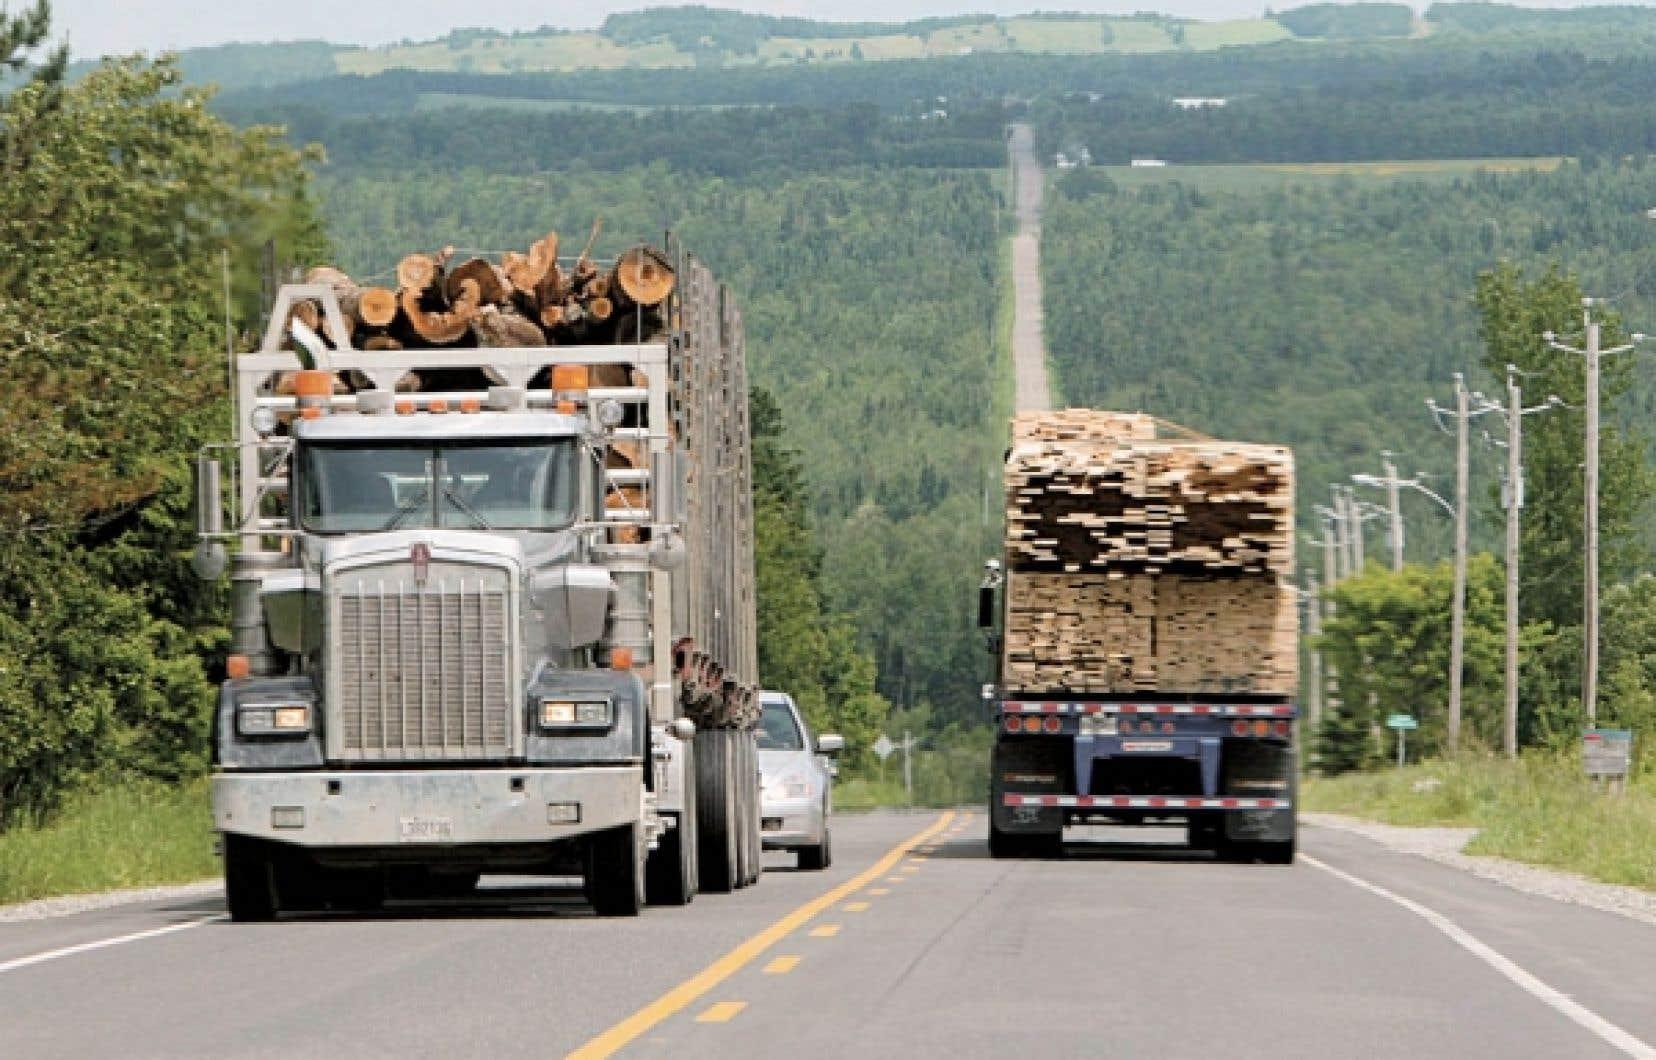 Les plus importantes compagnies forestières canadiennes et les groupes écologistes les plus critiques auraient conclu une entente sur la gestion de la forêt boréale. L'entente devrait être rendue publique aujourd'hui.